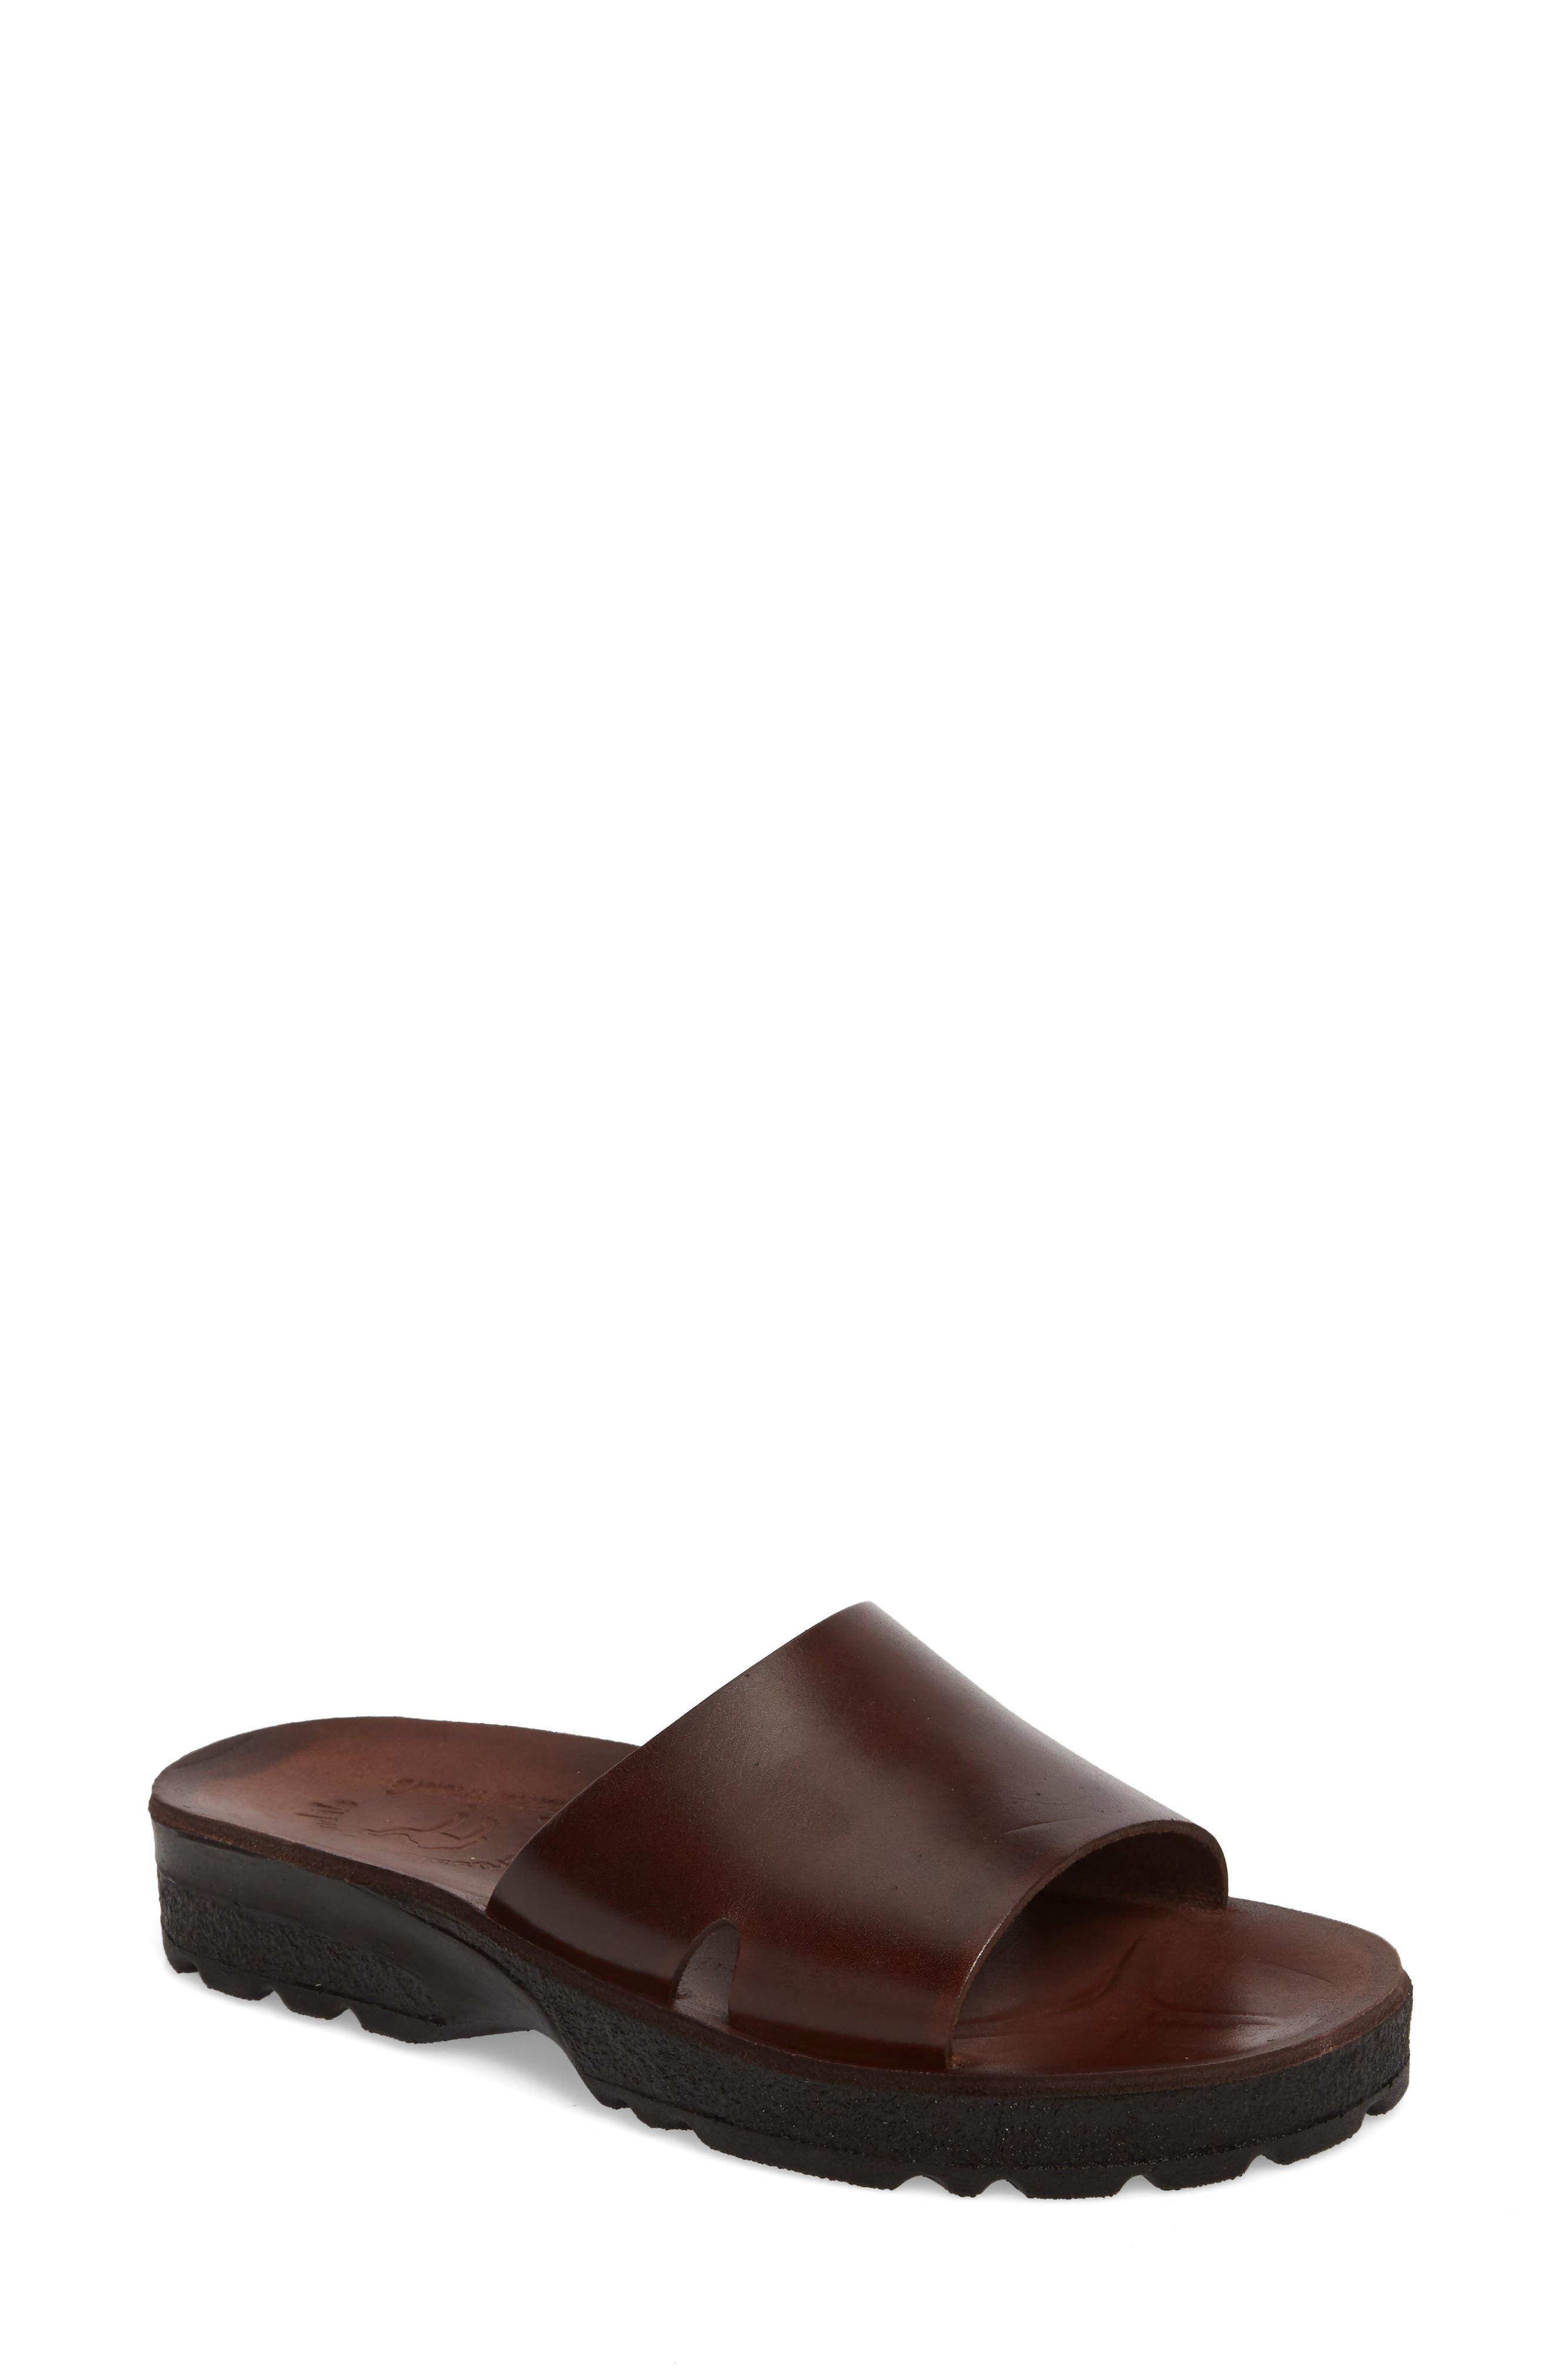 d22c0d43d37 Jerusalem Sandals